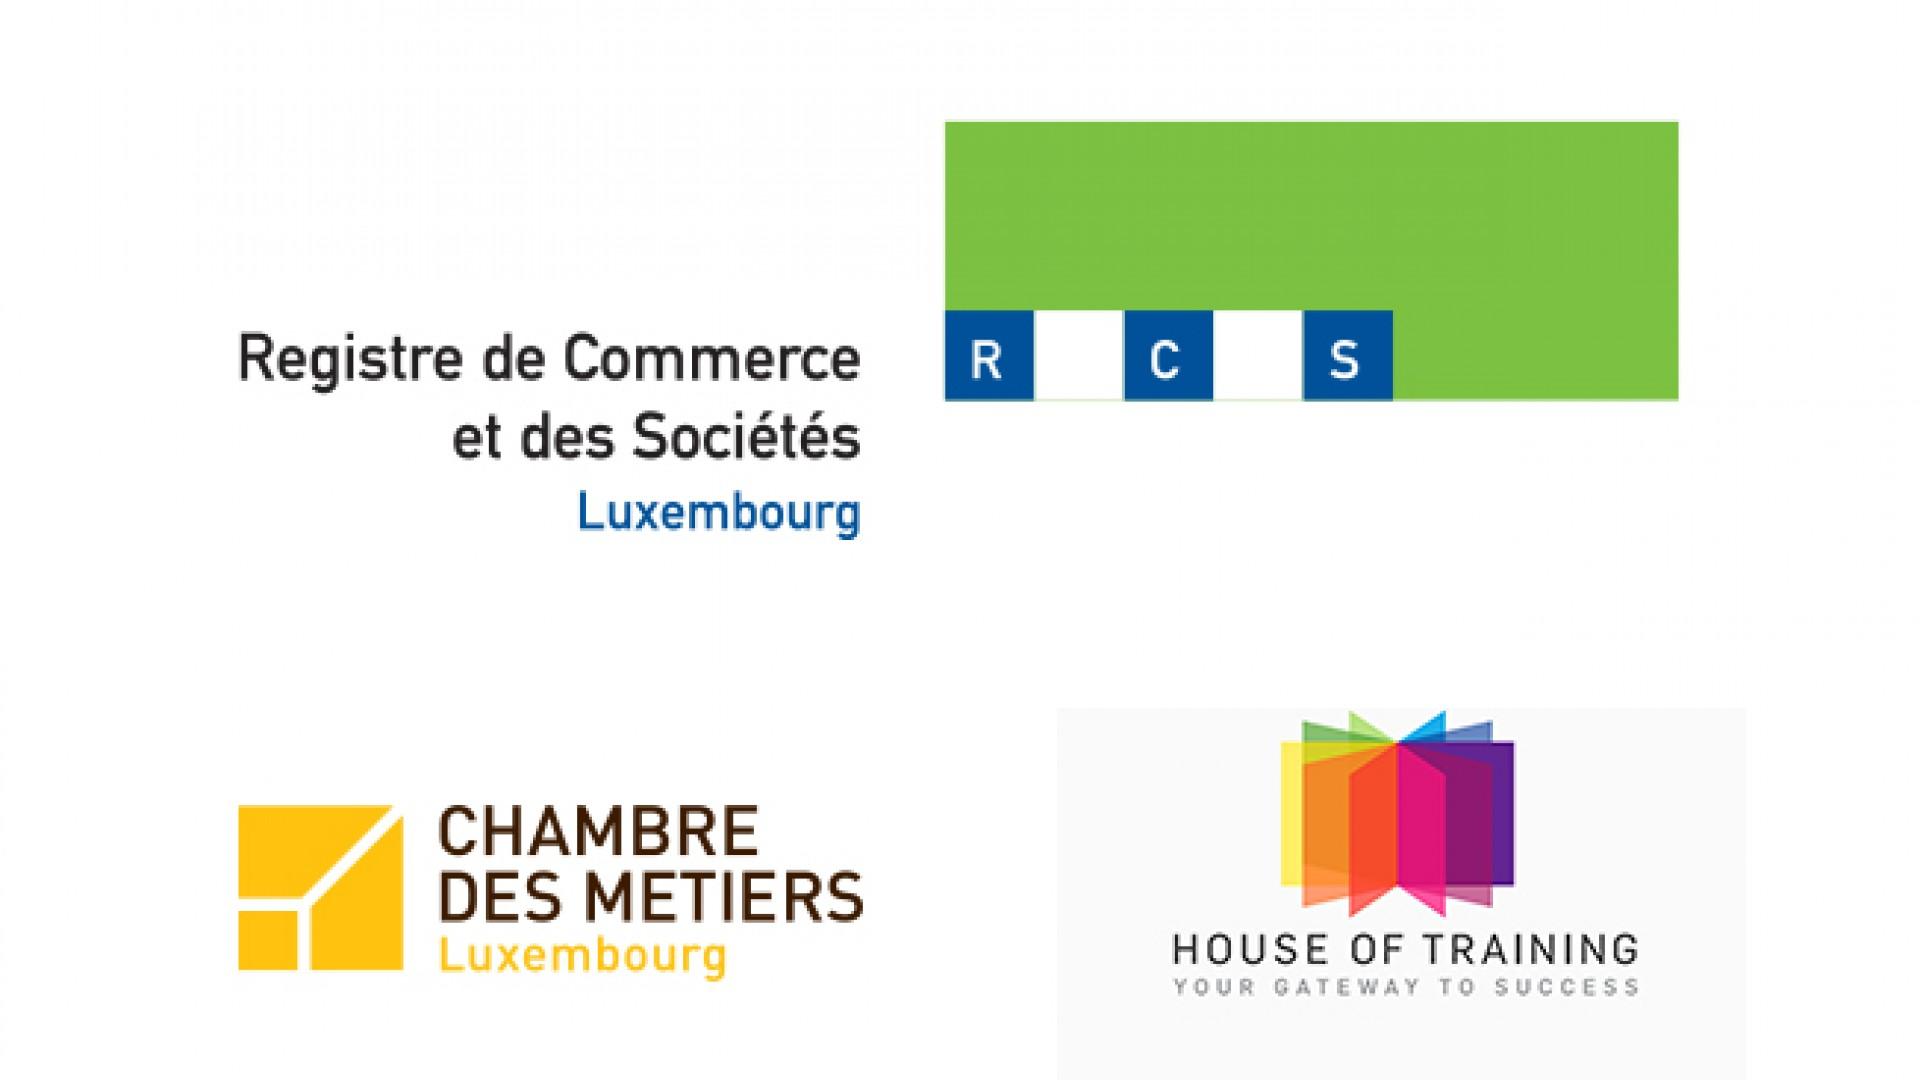 Registre de commerce et des soci t s nouvelles r gles - Chambre de commerce luxembourg apprentissage ...